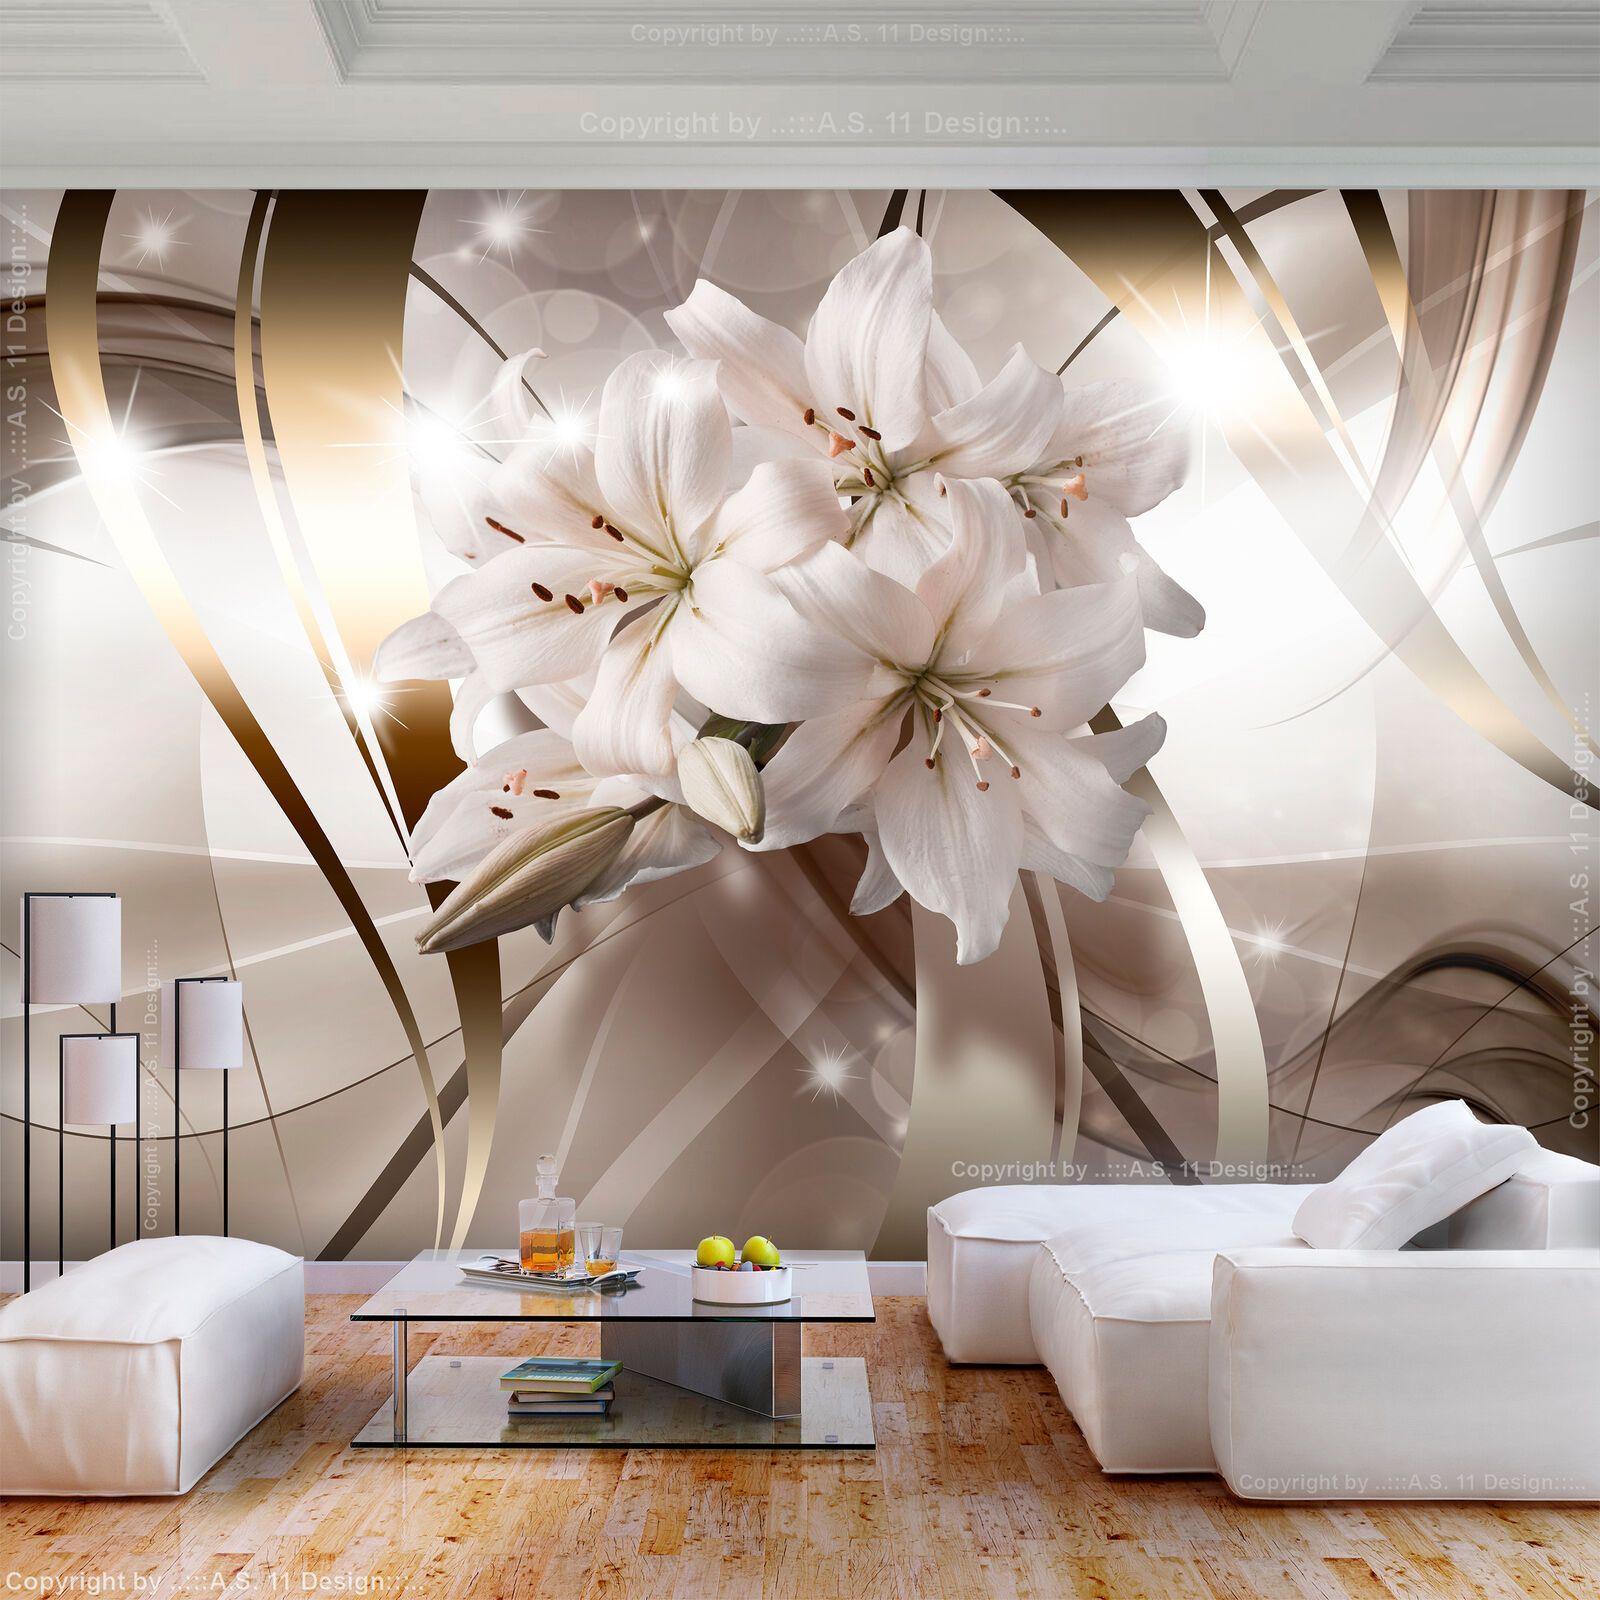 Fototapeten Tapete Fototapete Vlies Blumen Lilien Bilder XXL 3D Optik Wohnzimmer